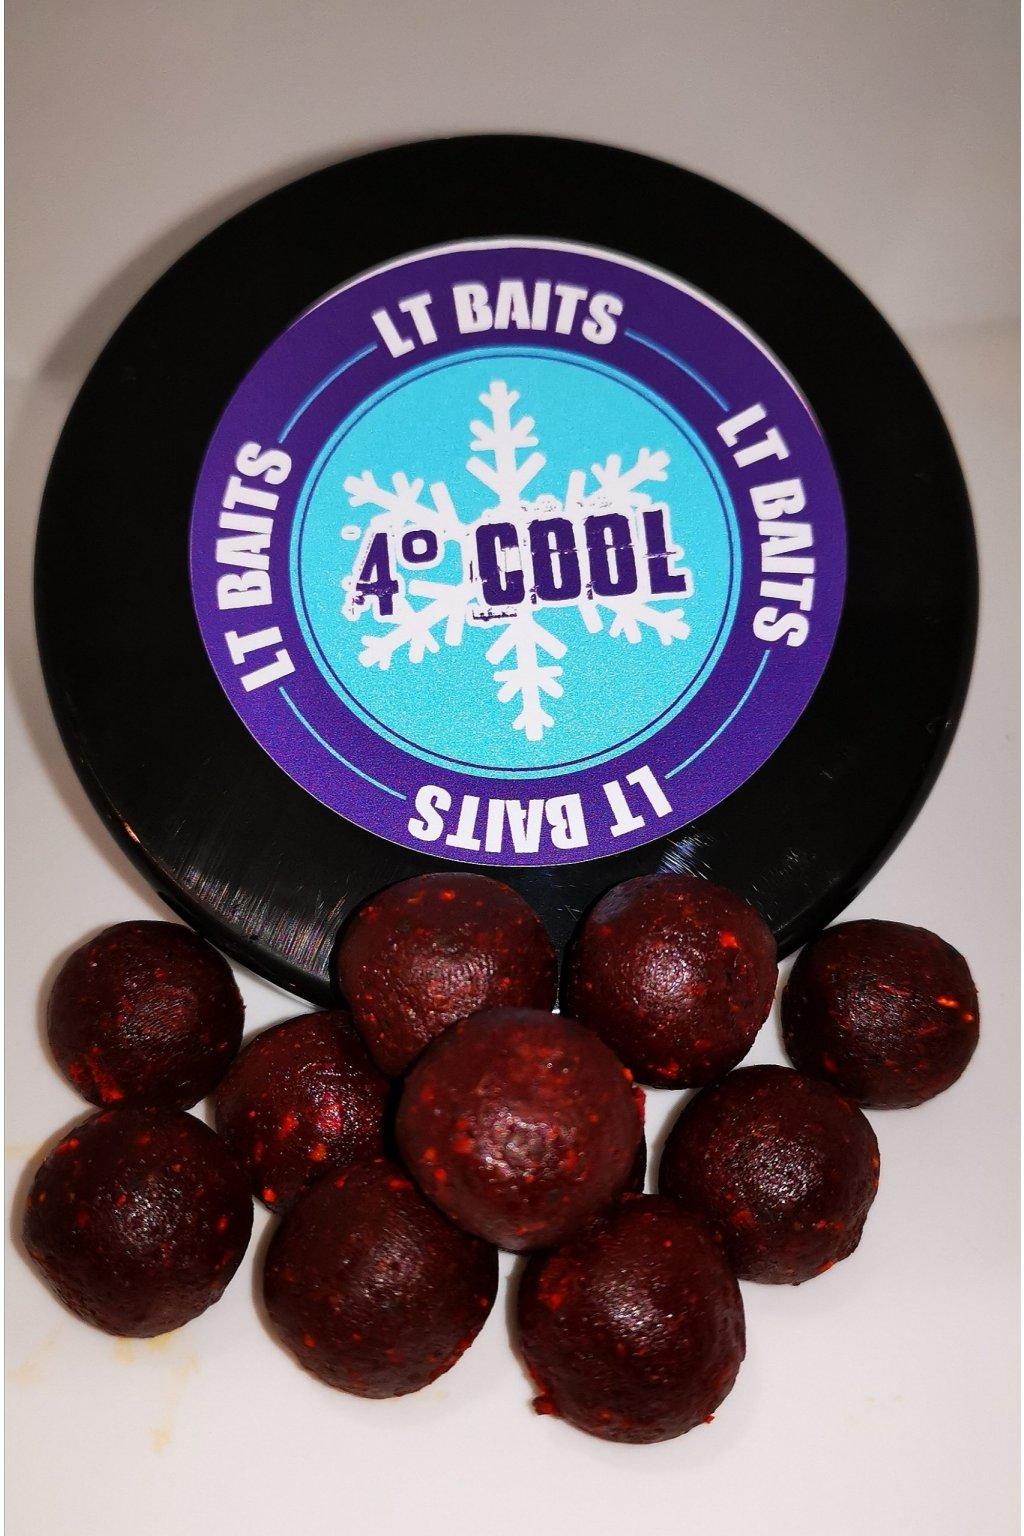 LT Baits Rozpustné Boilies 4°Cool 20mm - 200g